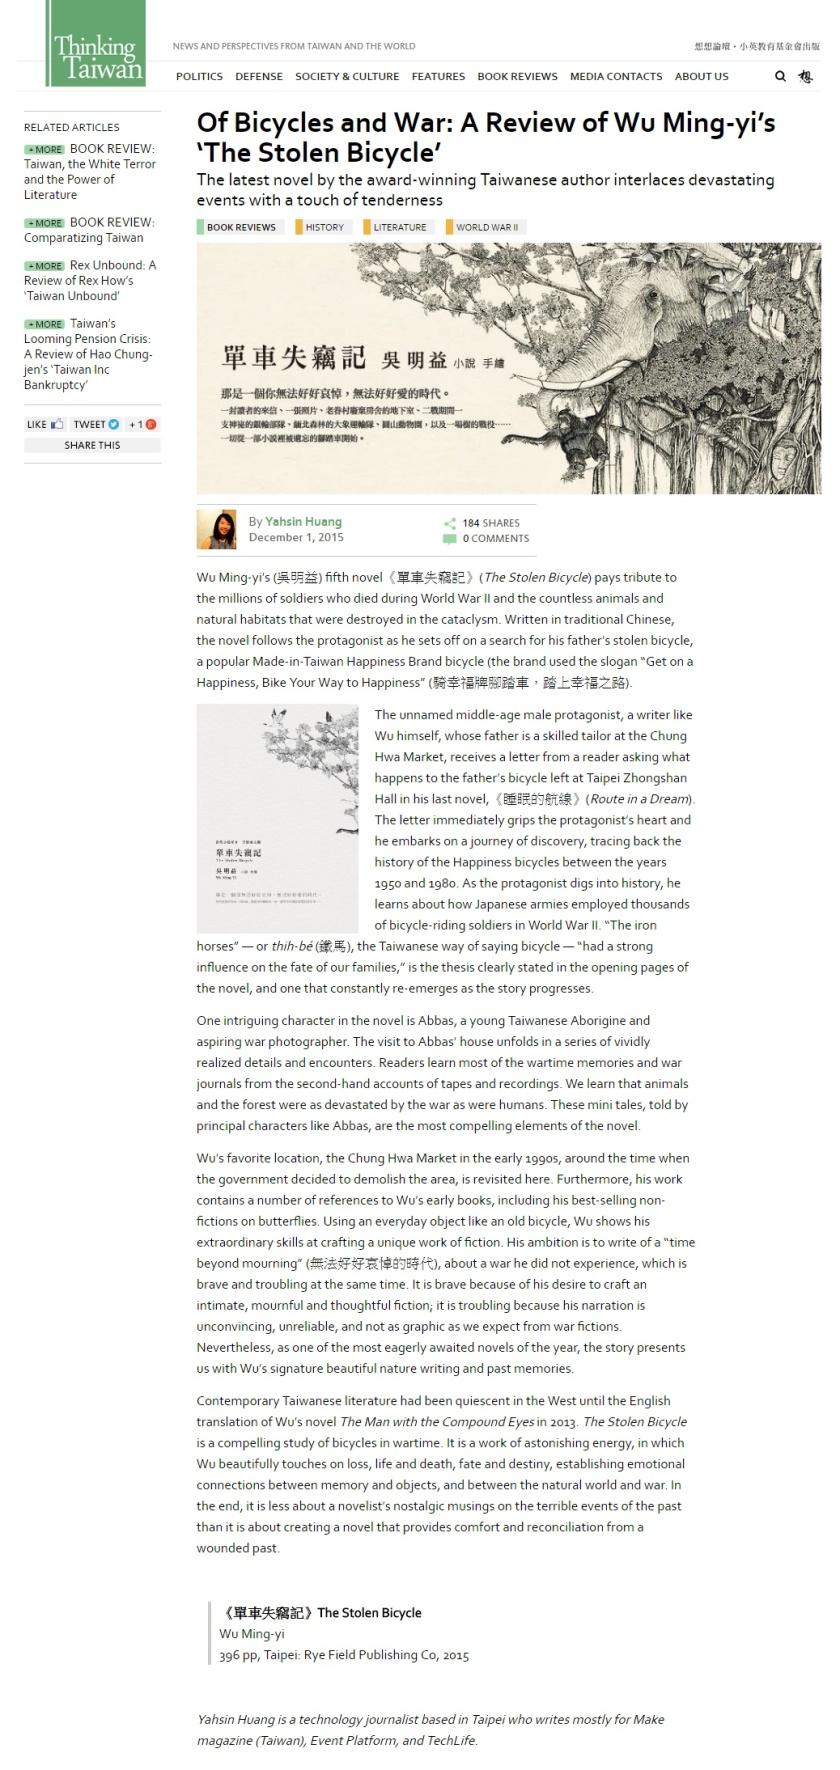 wu mingyi review screen shot1